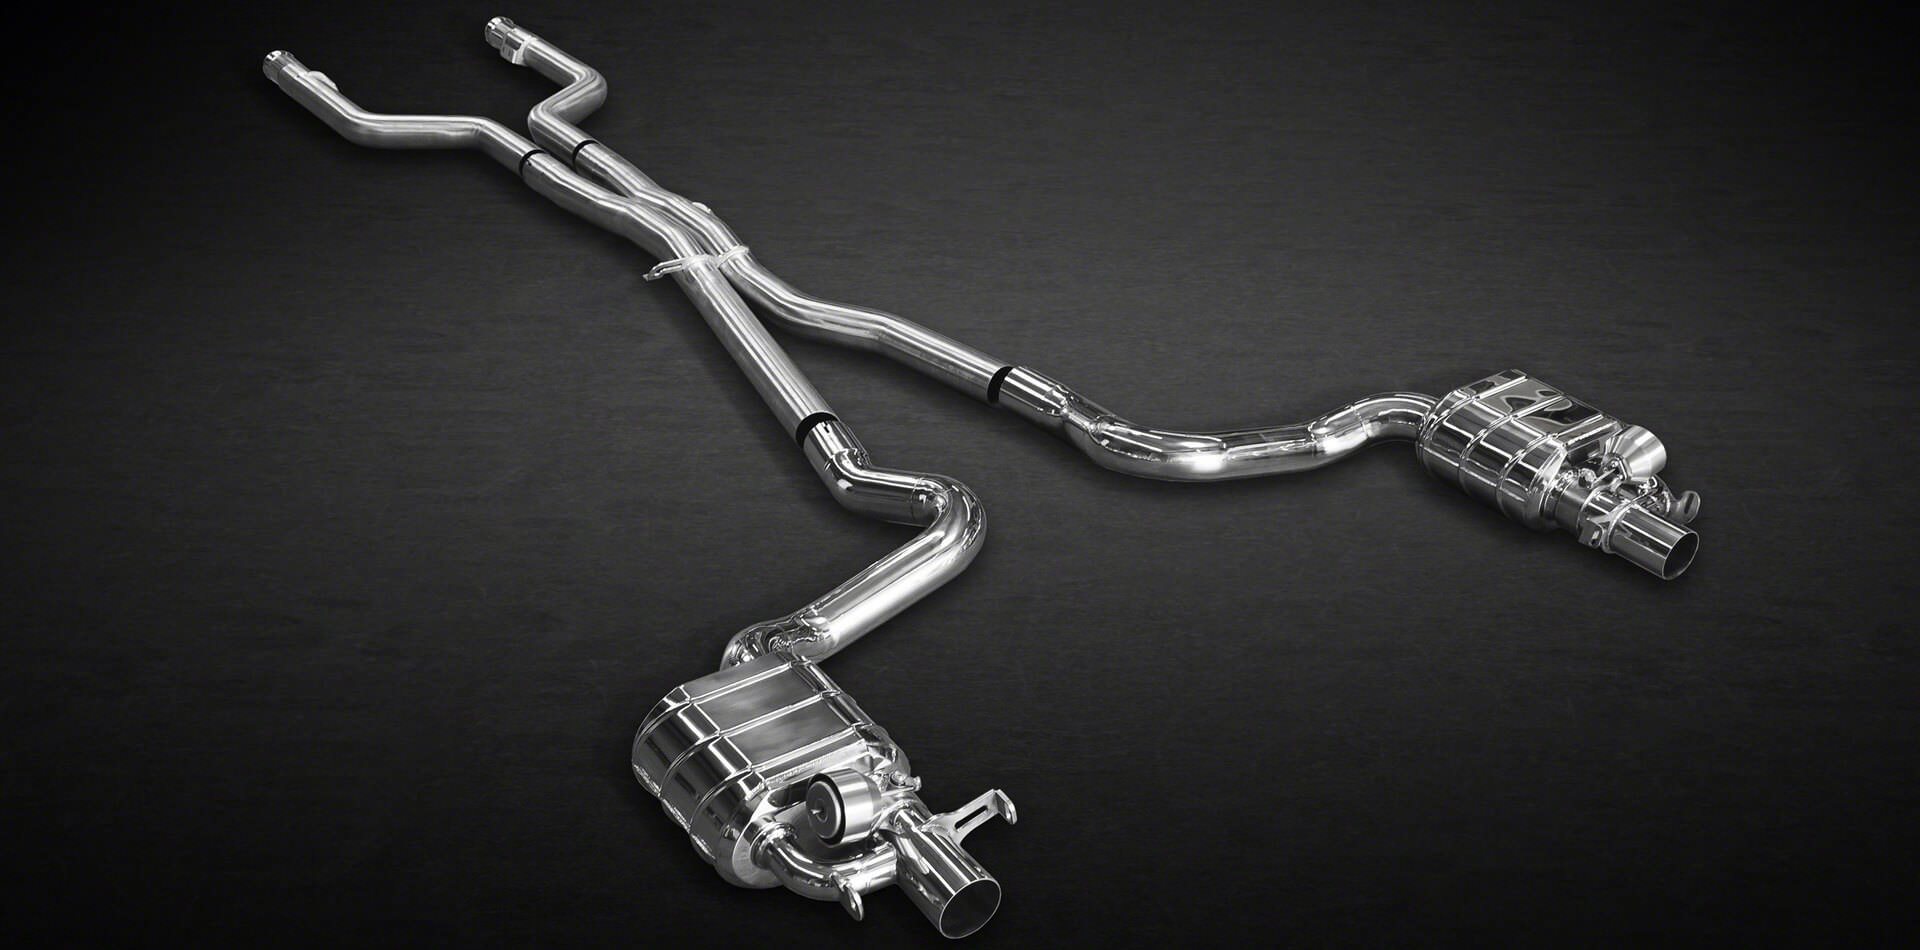 Handgefertigte Klappenauspuffanlagen für Mercedes C63 AMG Bi-Turbo